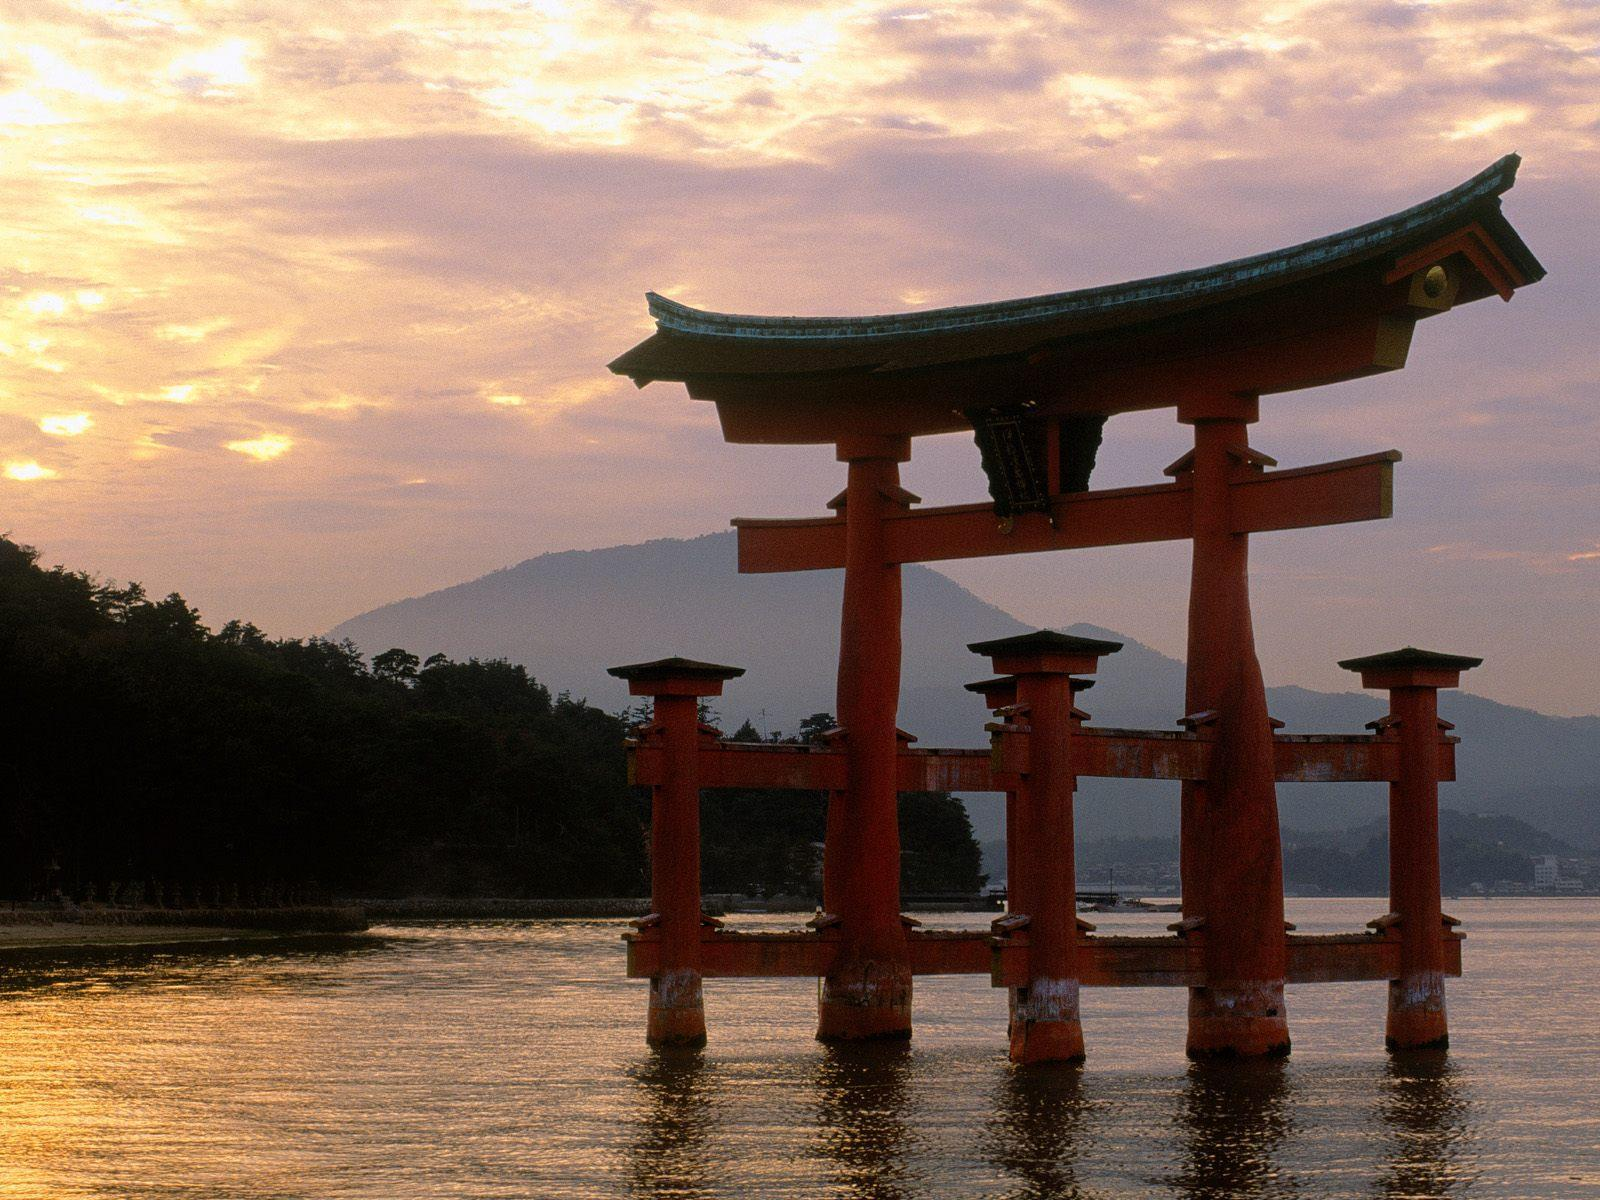 sunset at beach japan free desktop background free wallpaper image